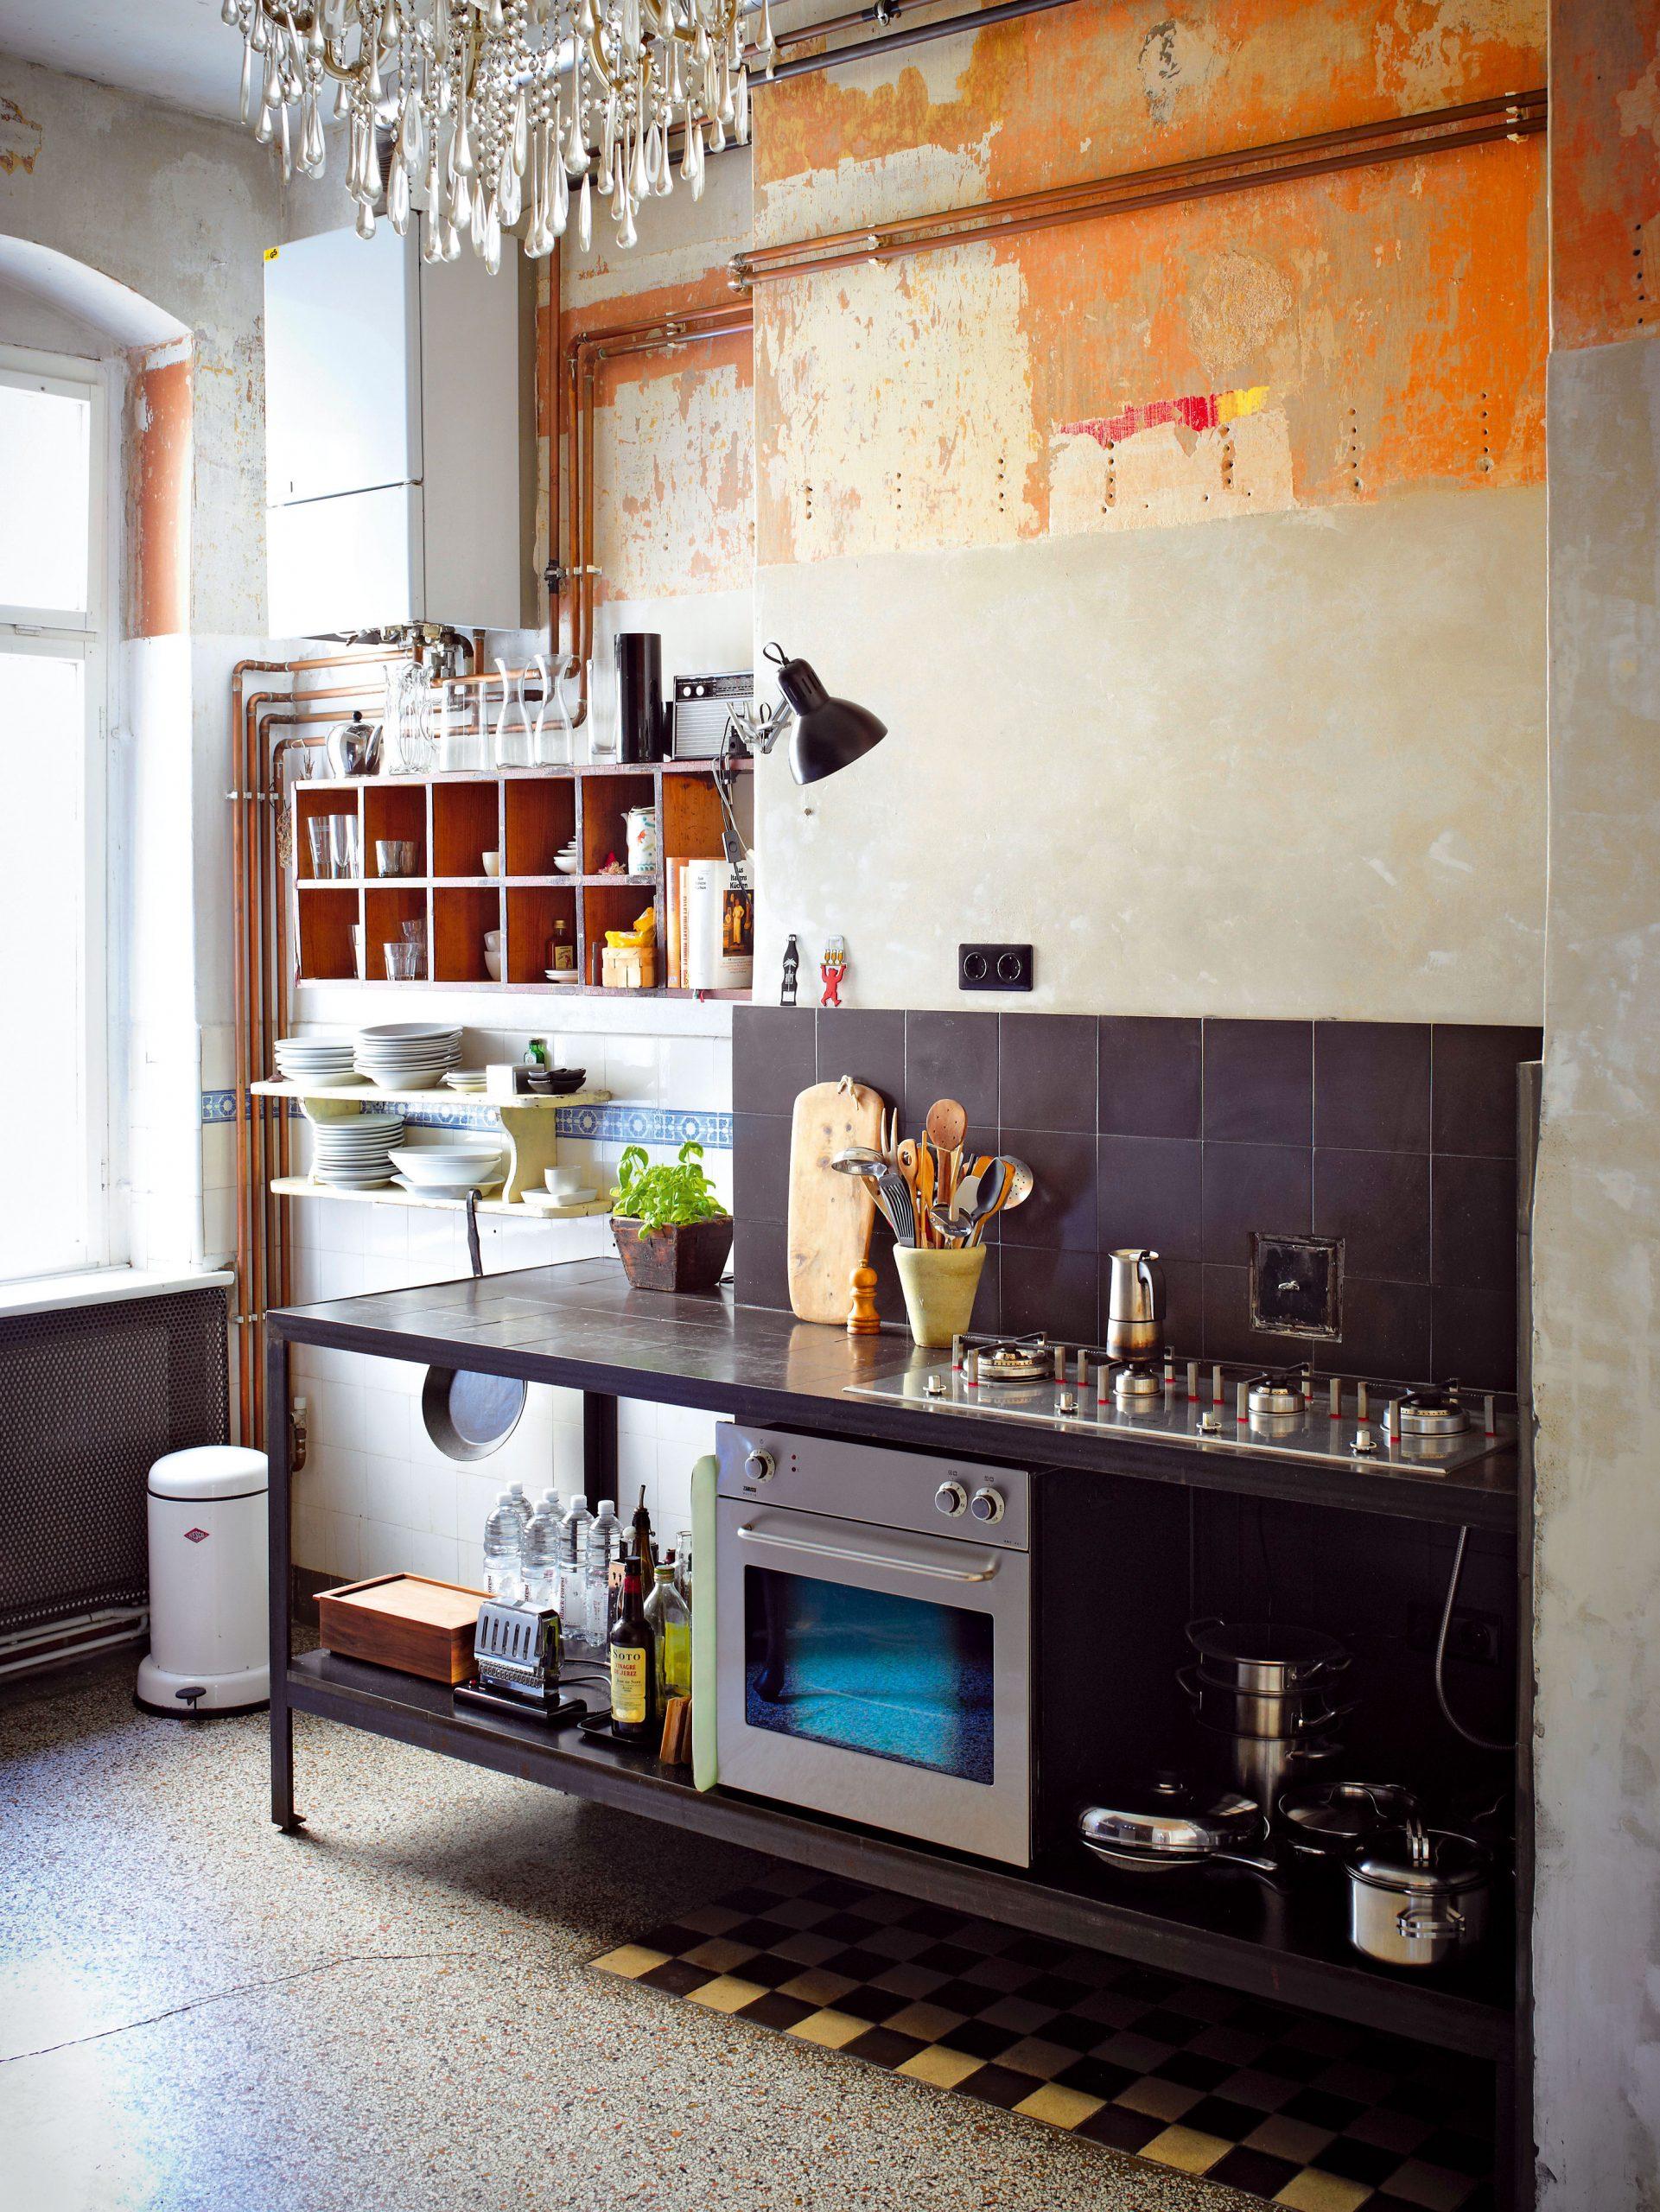 Originálnu kuchyňu vyrobil Andreas – využil pritom rôzne predmety zblšieho trhu. Základom nekonvenčného zariadenia sú otvorené police, ktoré nechávajú vyznieť pôvab predmetov každodennej potreby.